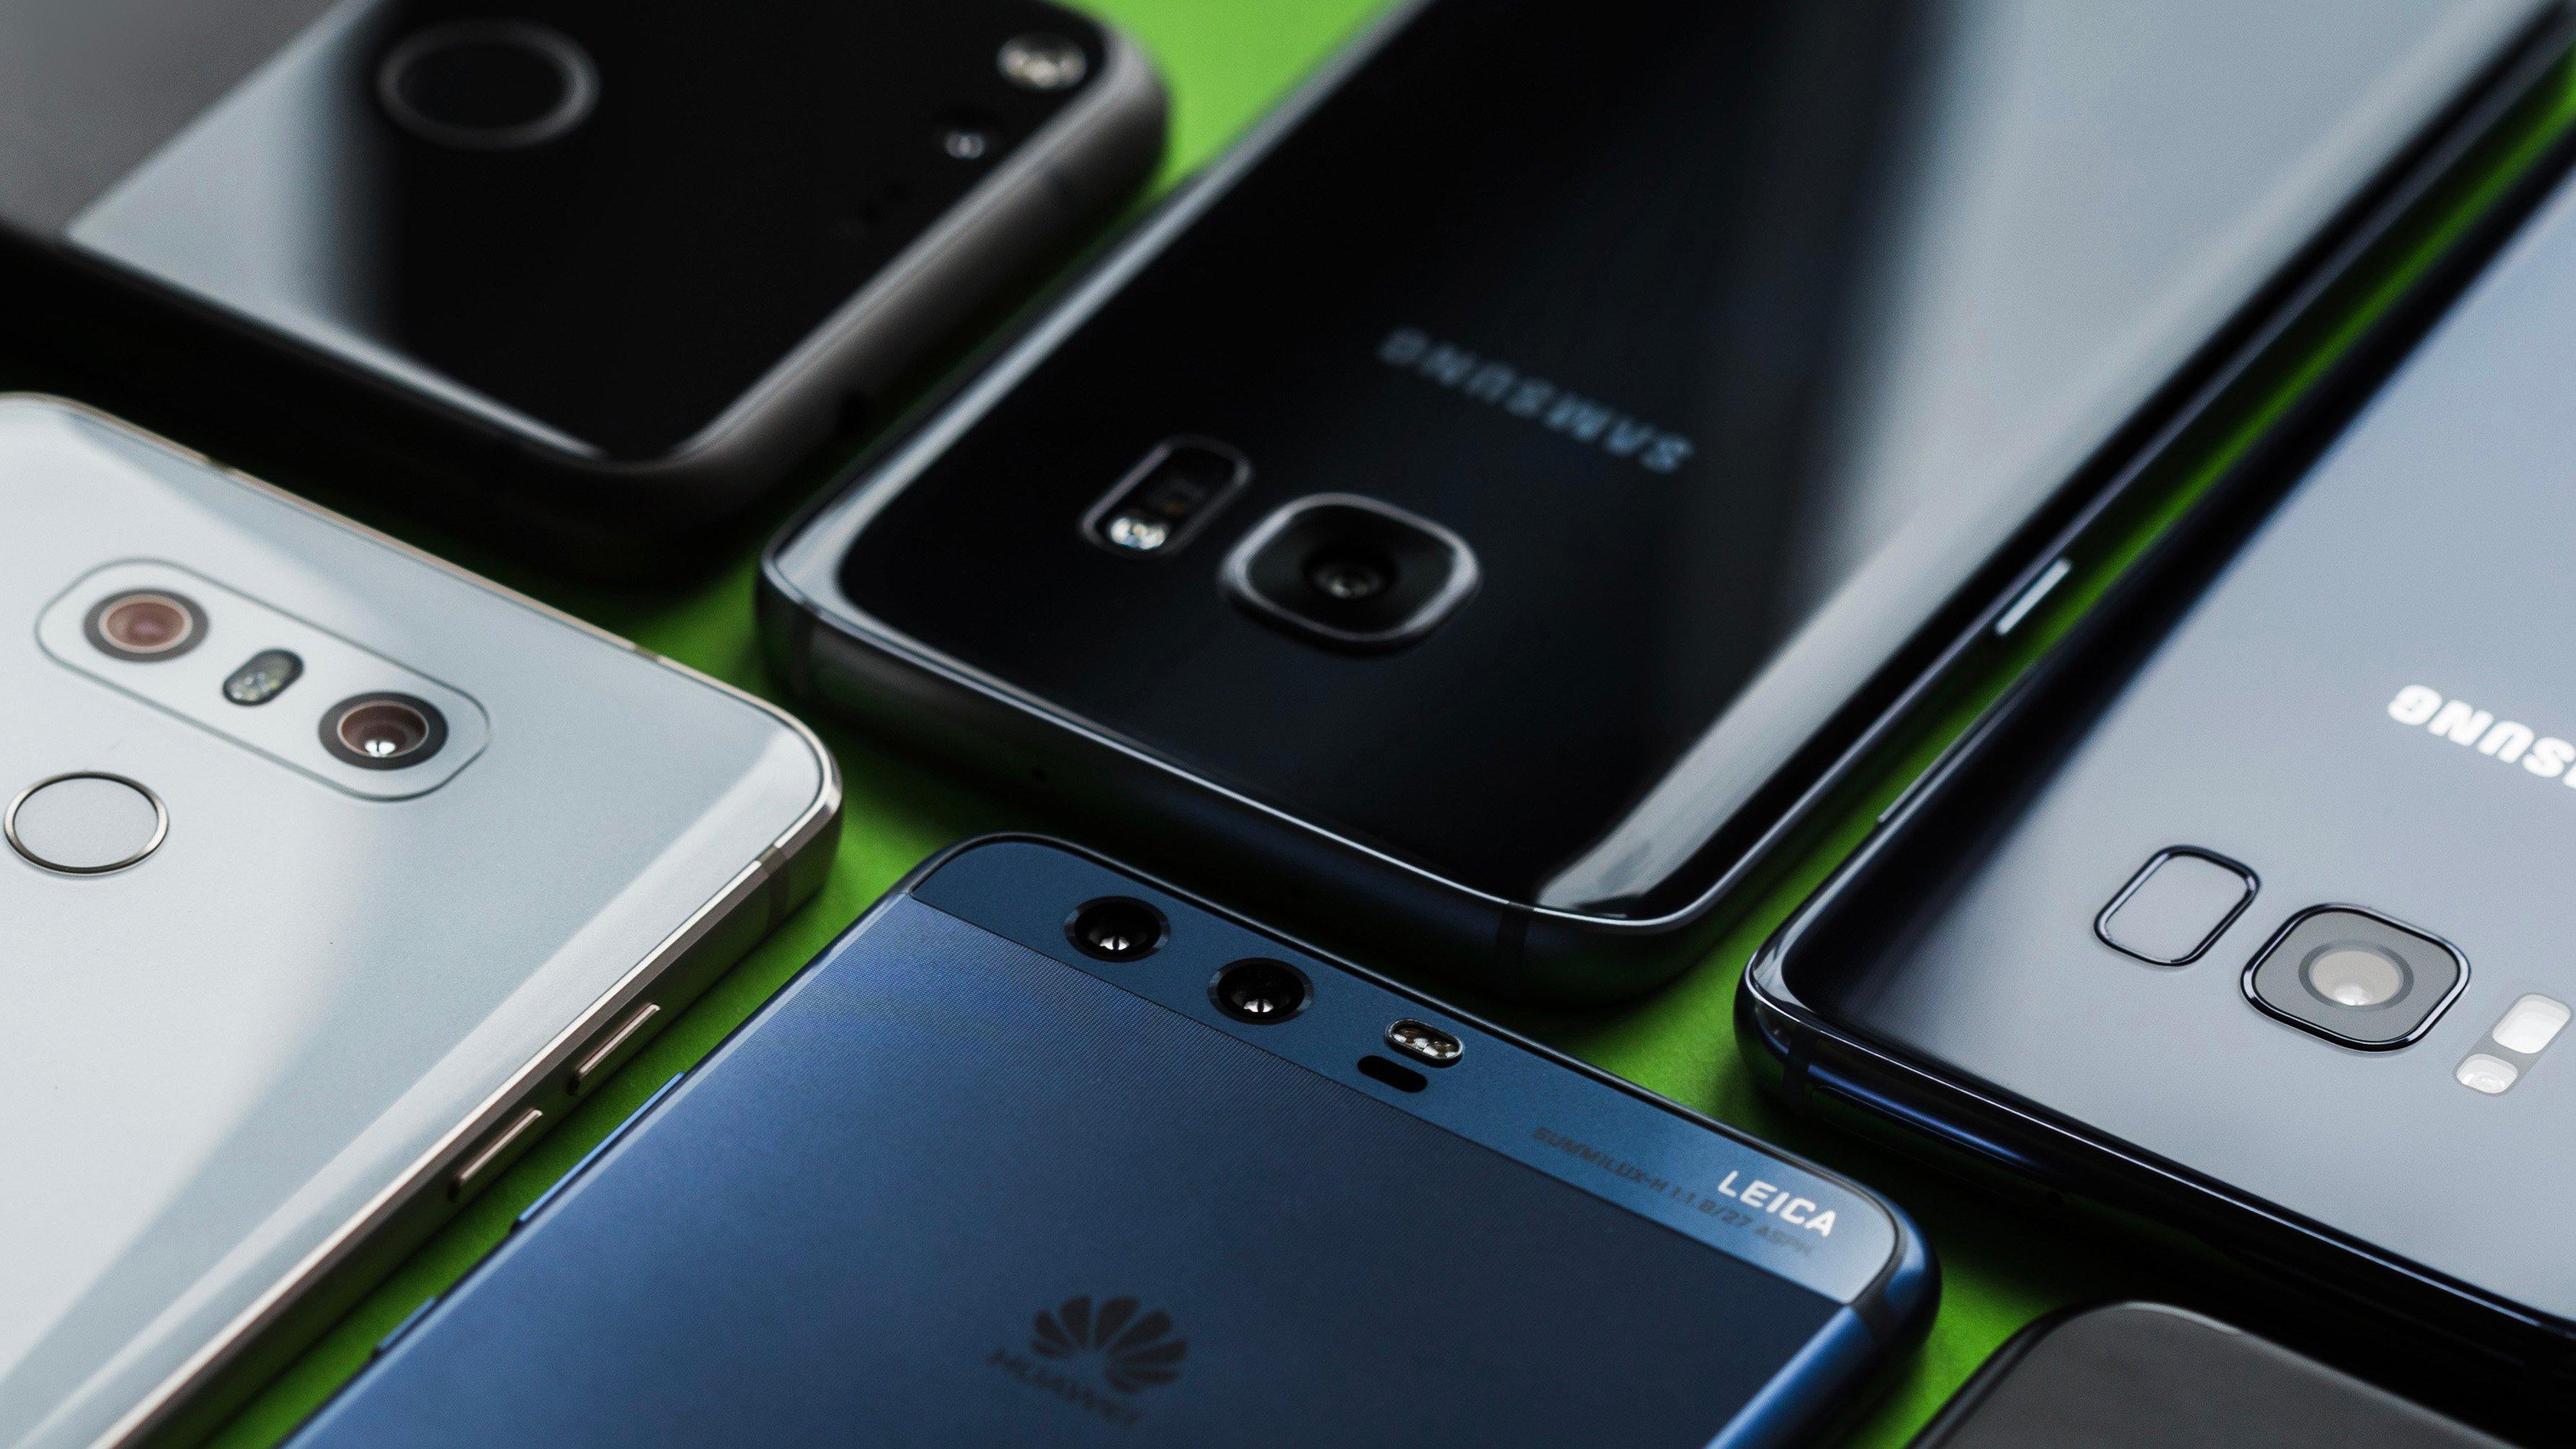 В России в прошлом году было продано 30 миллионов смартфонов